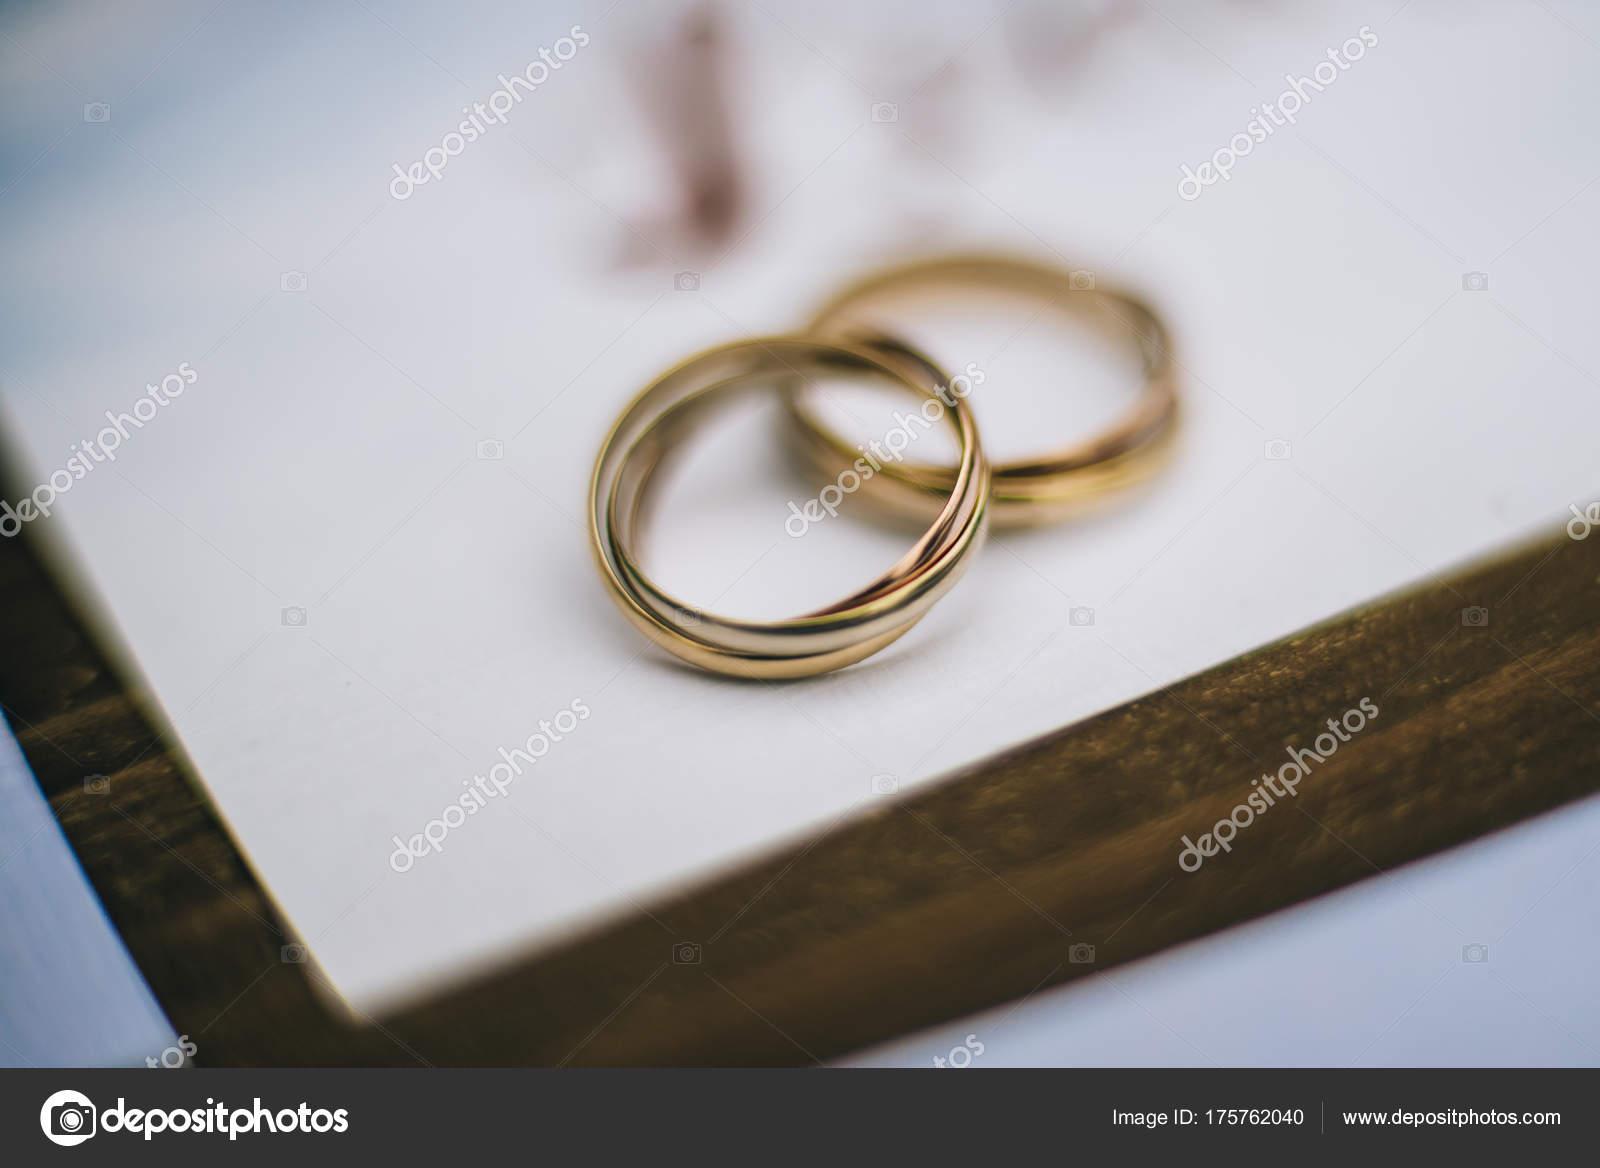 Snubni Prsteny Zlute Bile A Cervene Zlato Stock Fotografie